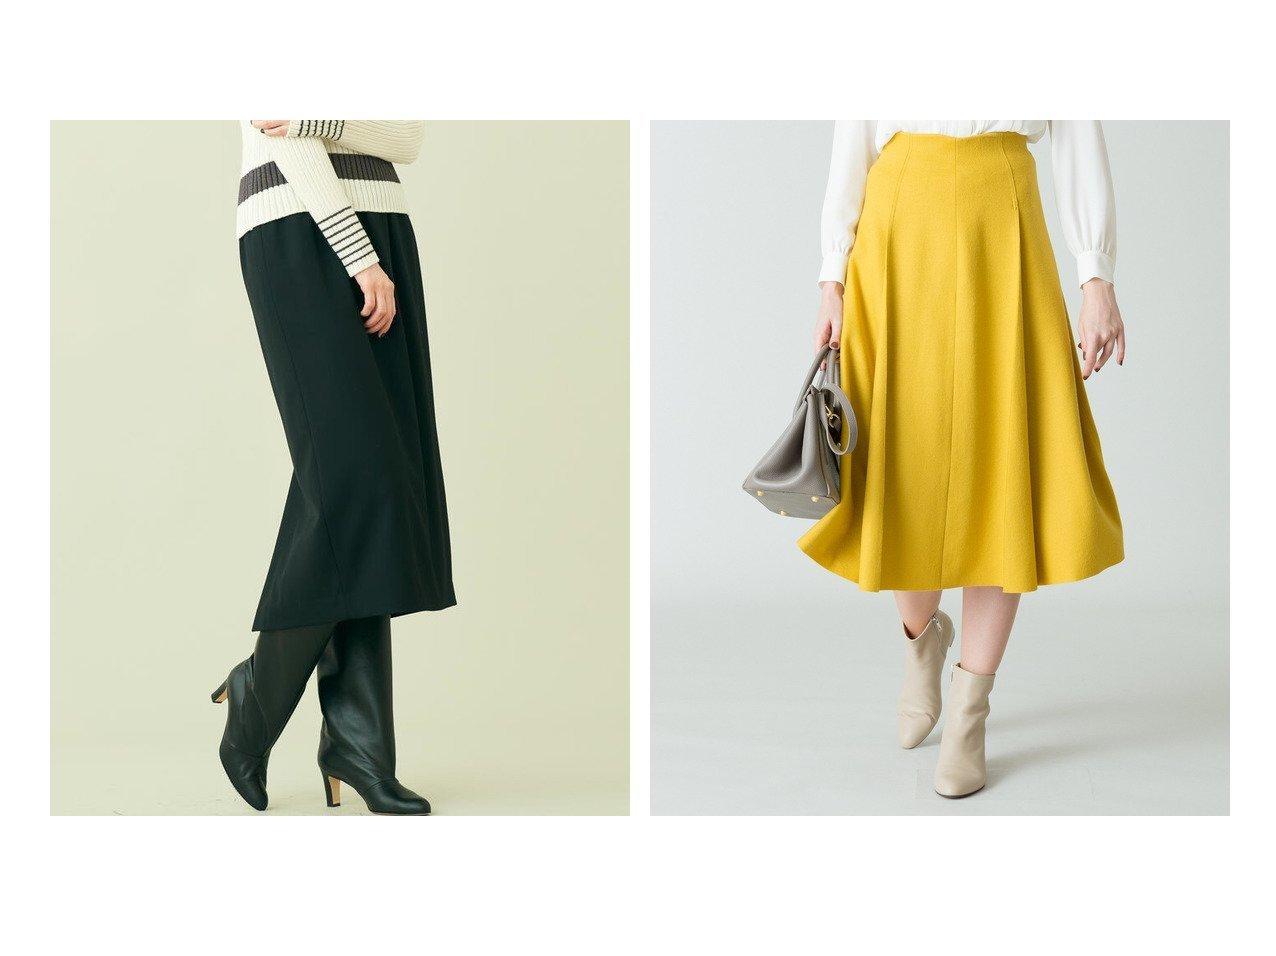 【allureville/アルアバイル】のツイルジャージカラースカート&【DES PRES / TOMORROWLAND/デプレ】のハイツイストウールギャバジン ウエストギャザーペンシルスカート スカートのおすすめ!人気、レディースファッションの通販 おすすめで人気のファッション通販商品 インテリア・家具・キッズファッション・メンズファッション・レディースファッション・服の通販 founy(ファニー) https://founy.com/ ファッション Fashion レディース WOMEN スカート Skirt Aライン/フレアスカート Flared A-Line Skirts 秋冬 A/W Autumn/ Winter ギャザー シンプル ストレッチ ストレート スリット タイトスカート トレンド バランス ロング 今季 フレア |ID:crp329100000002185